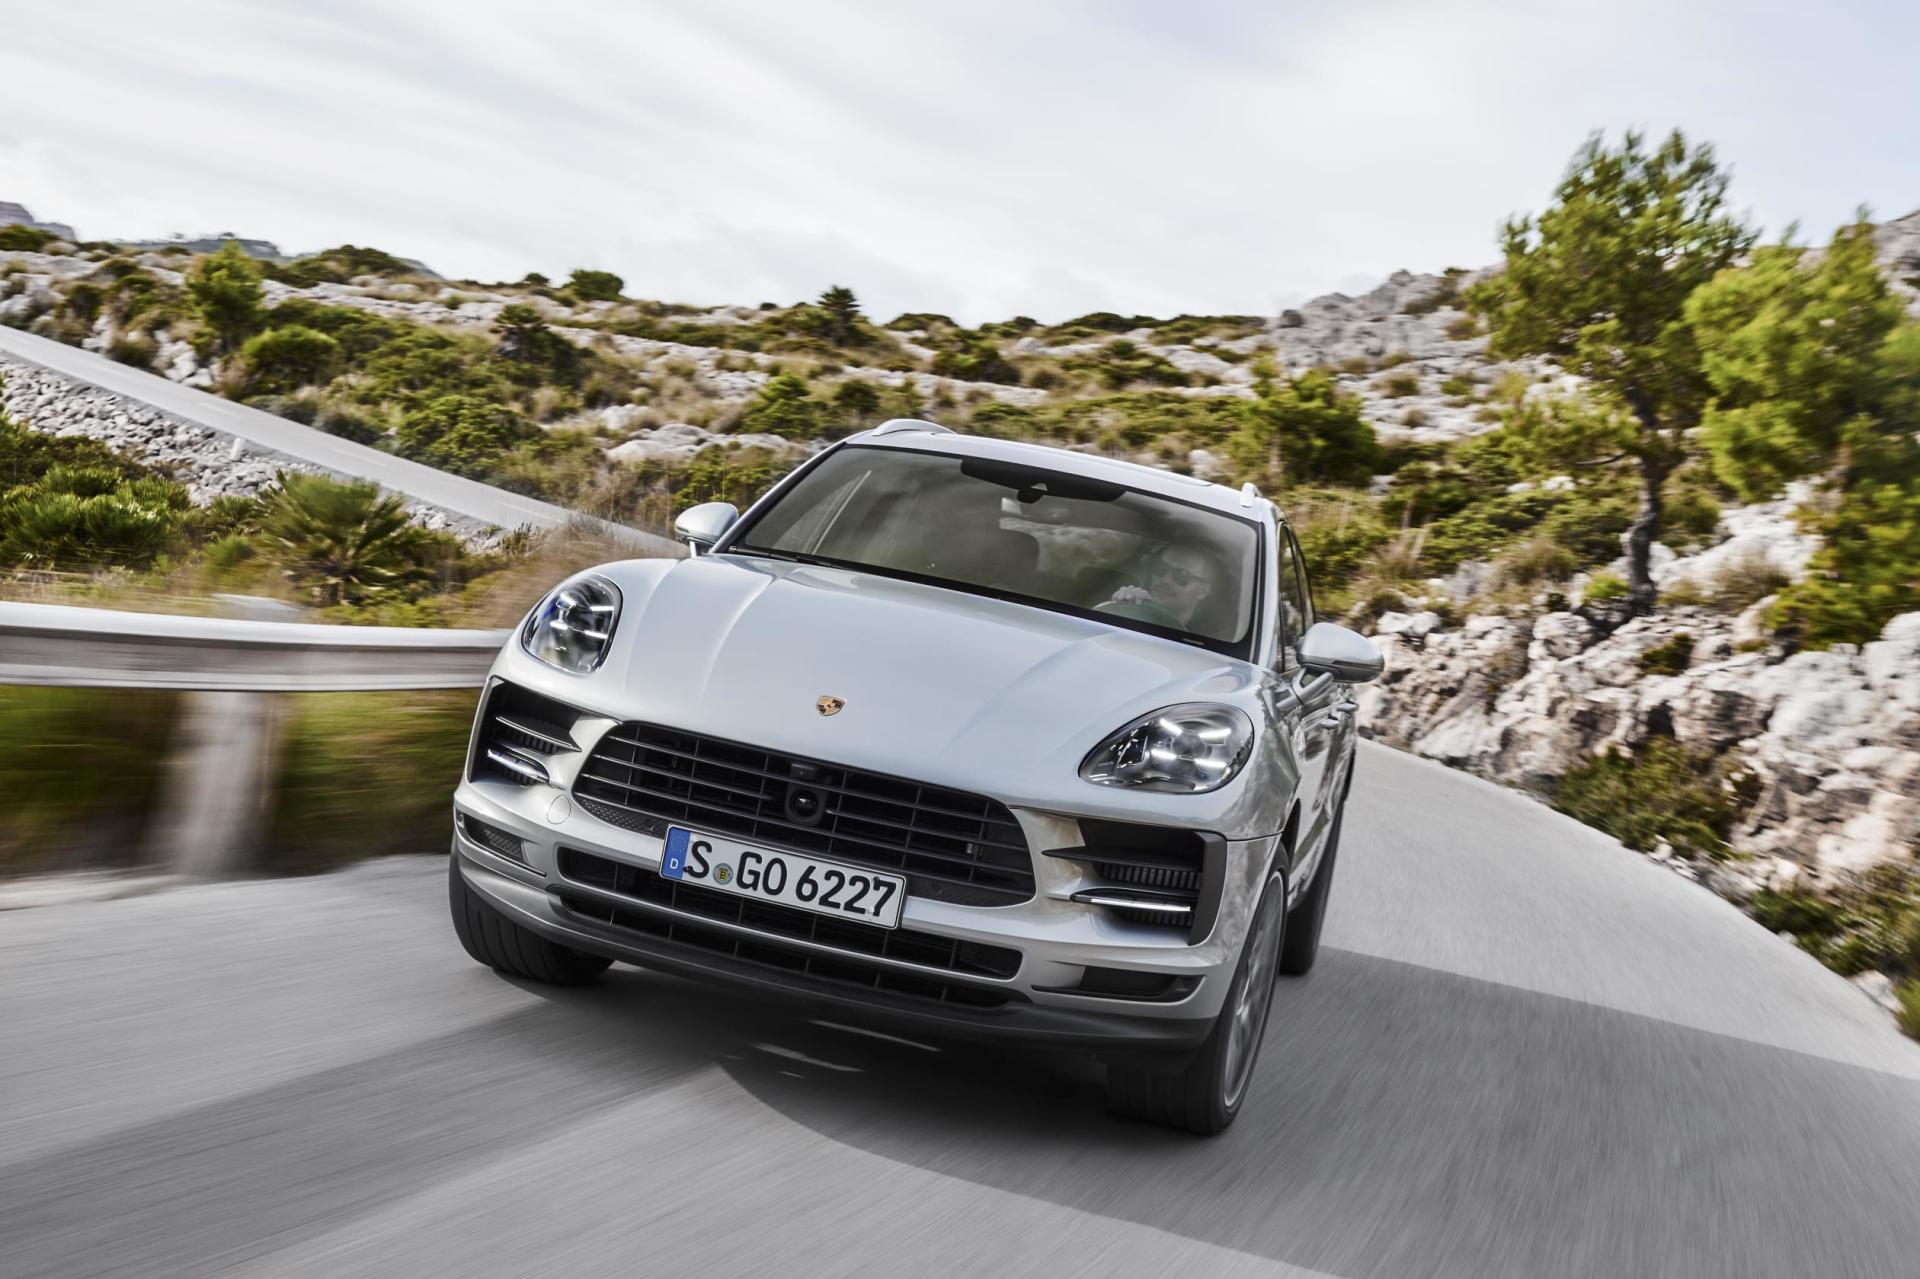 Porsche Macan S 2019 01